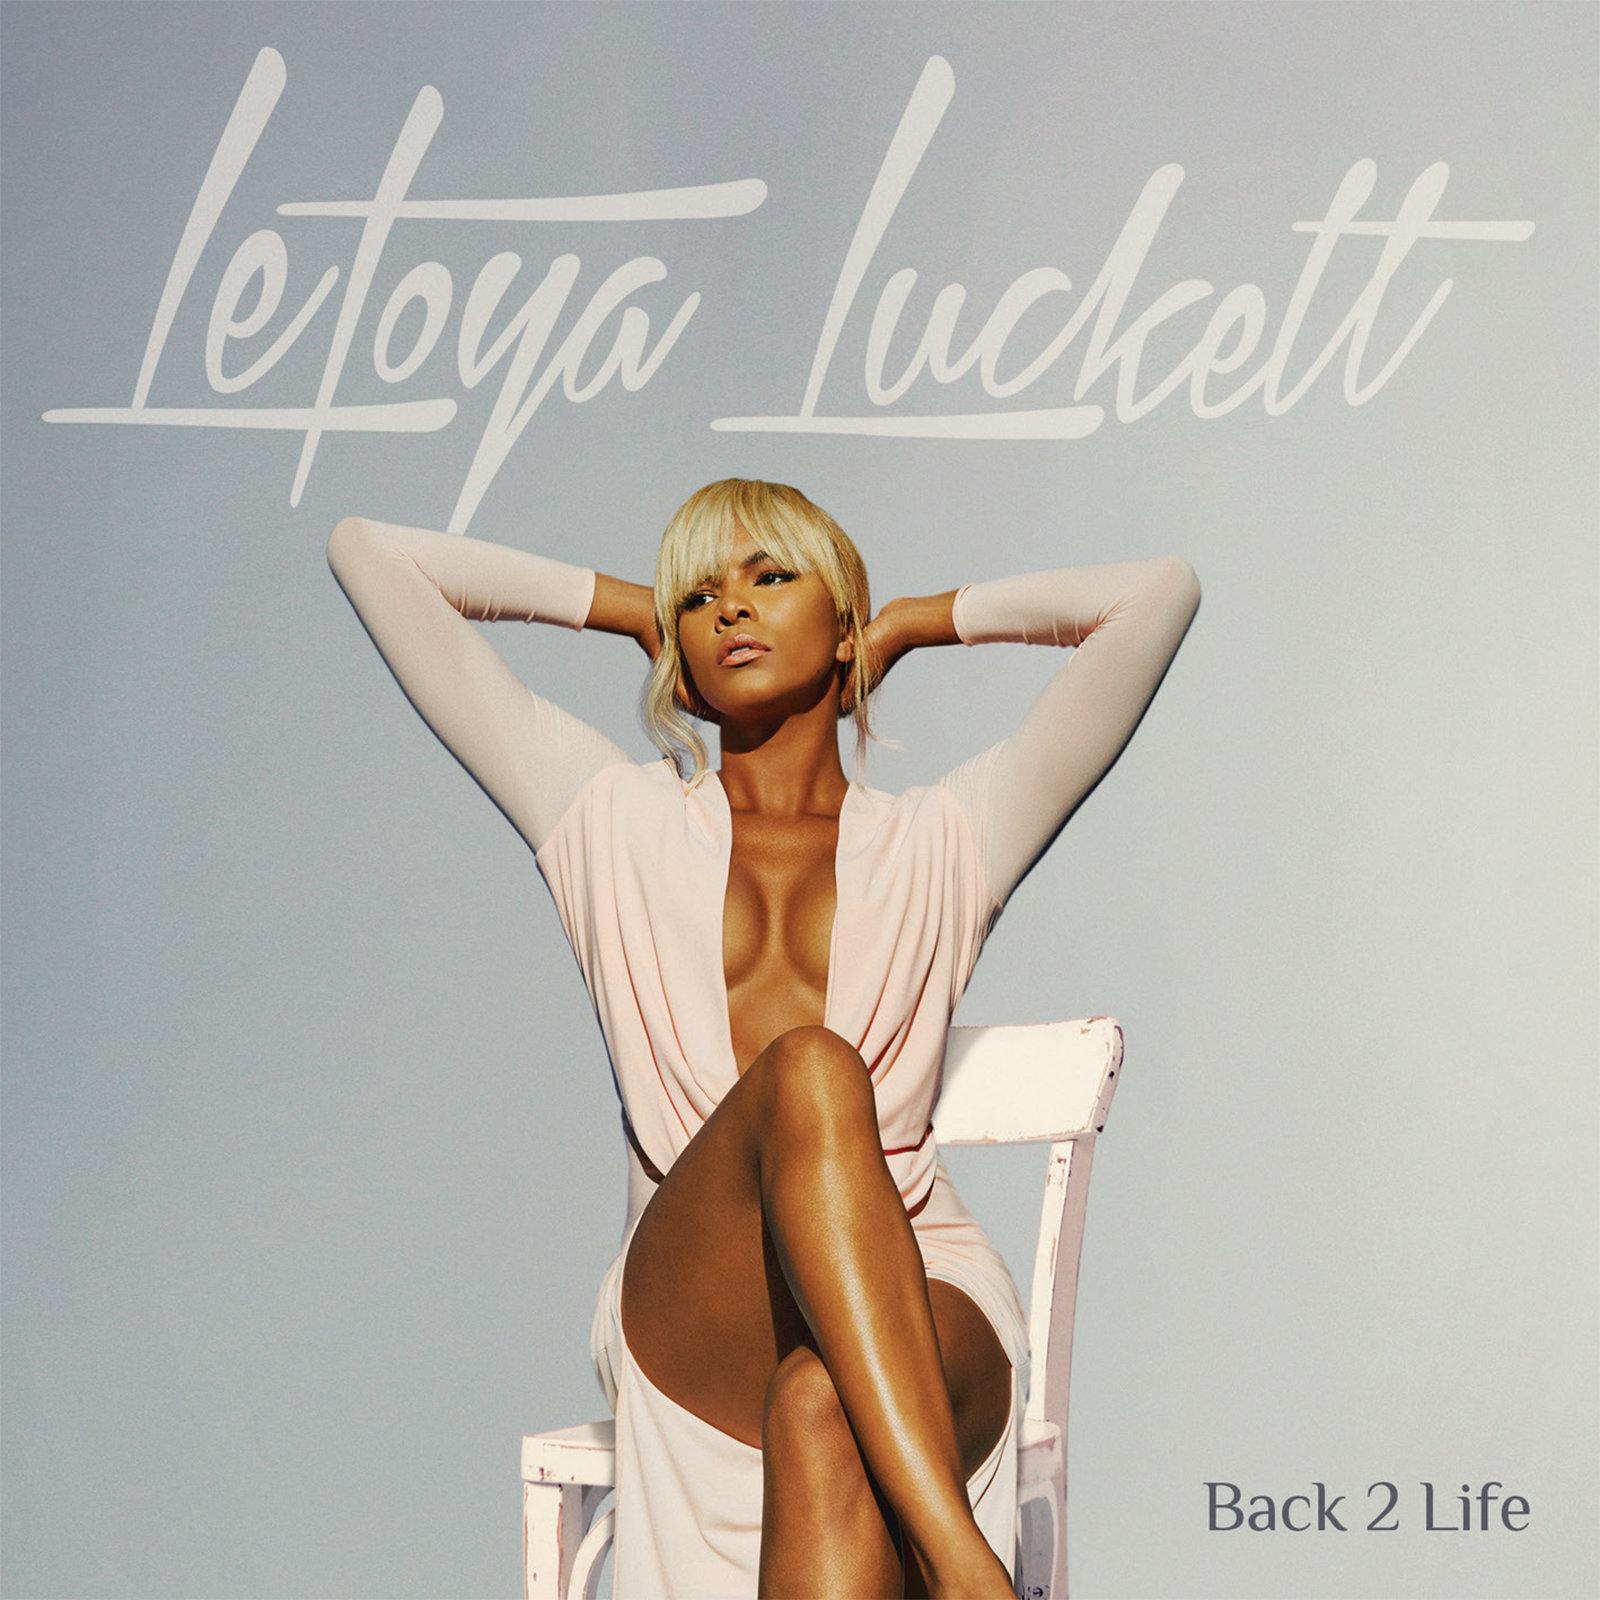 """LeToya Luckett Reveals Cover Art, Release Date & Tracklist for Upcoming Album """"Back 2 Life"""""""